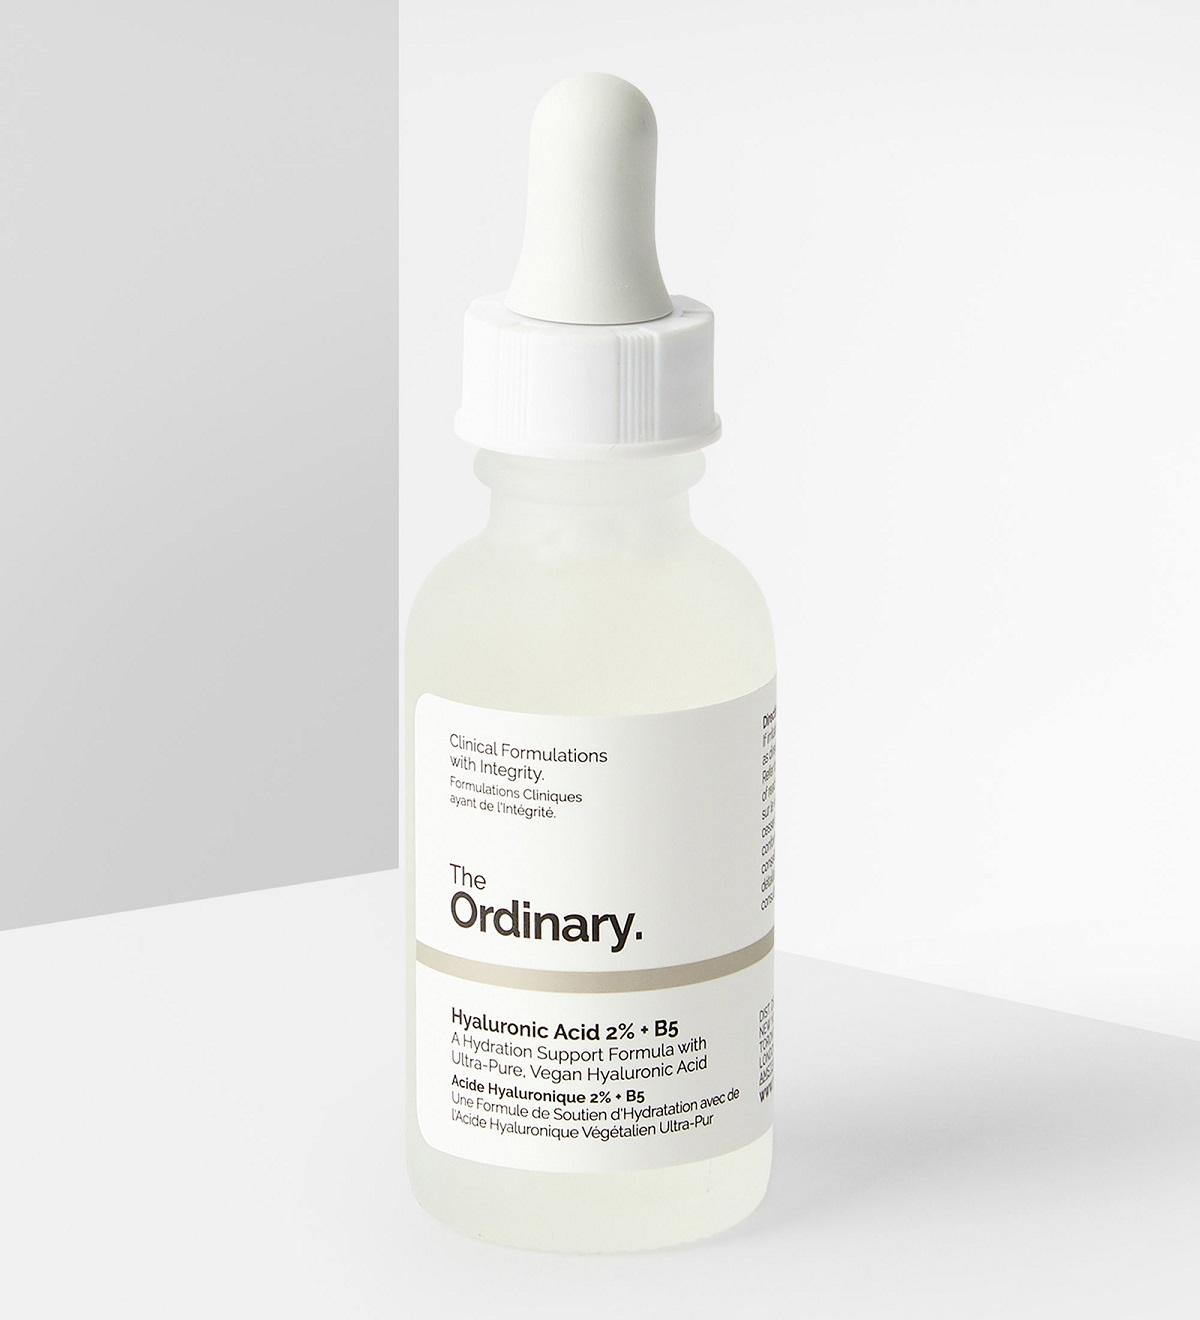 سرم هیالورونیک اسید 2% و B5 اوردینری اصل ( سرم صورت آبرسان قوی، ضد چروک، صاف کننده پوست، ضد خشکی و خطوط ناشی از پیری زودرس، انواع پوست) The Ordinary Hyaluronic Acid 2% + B5